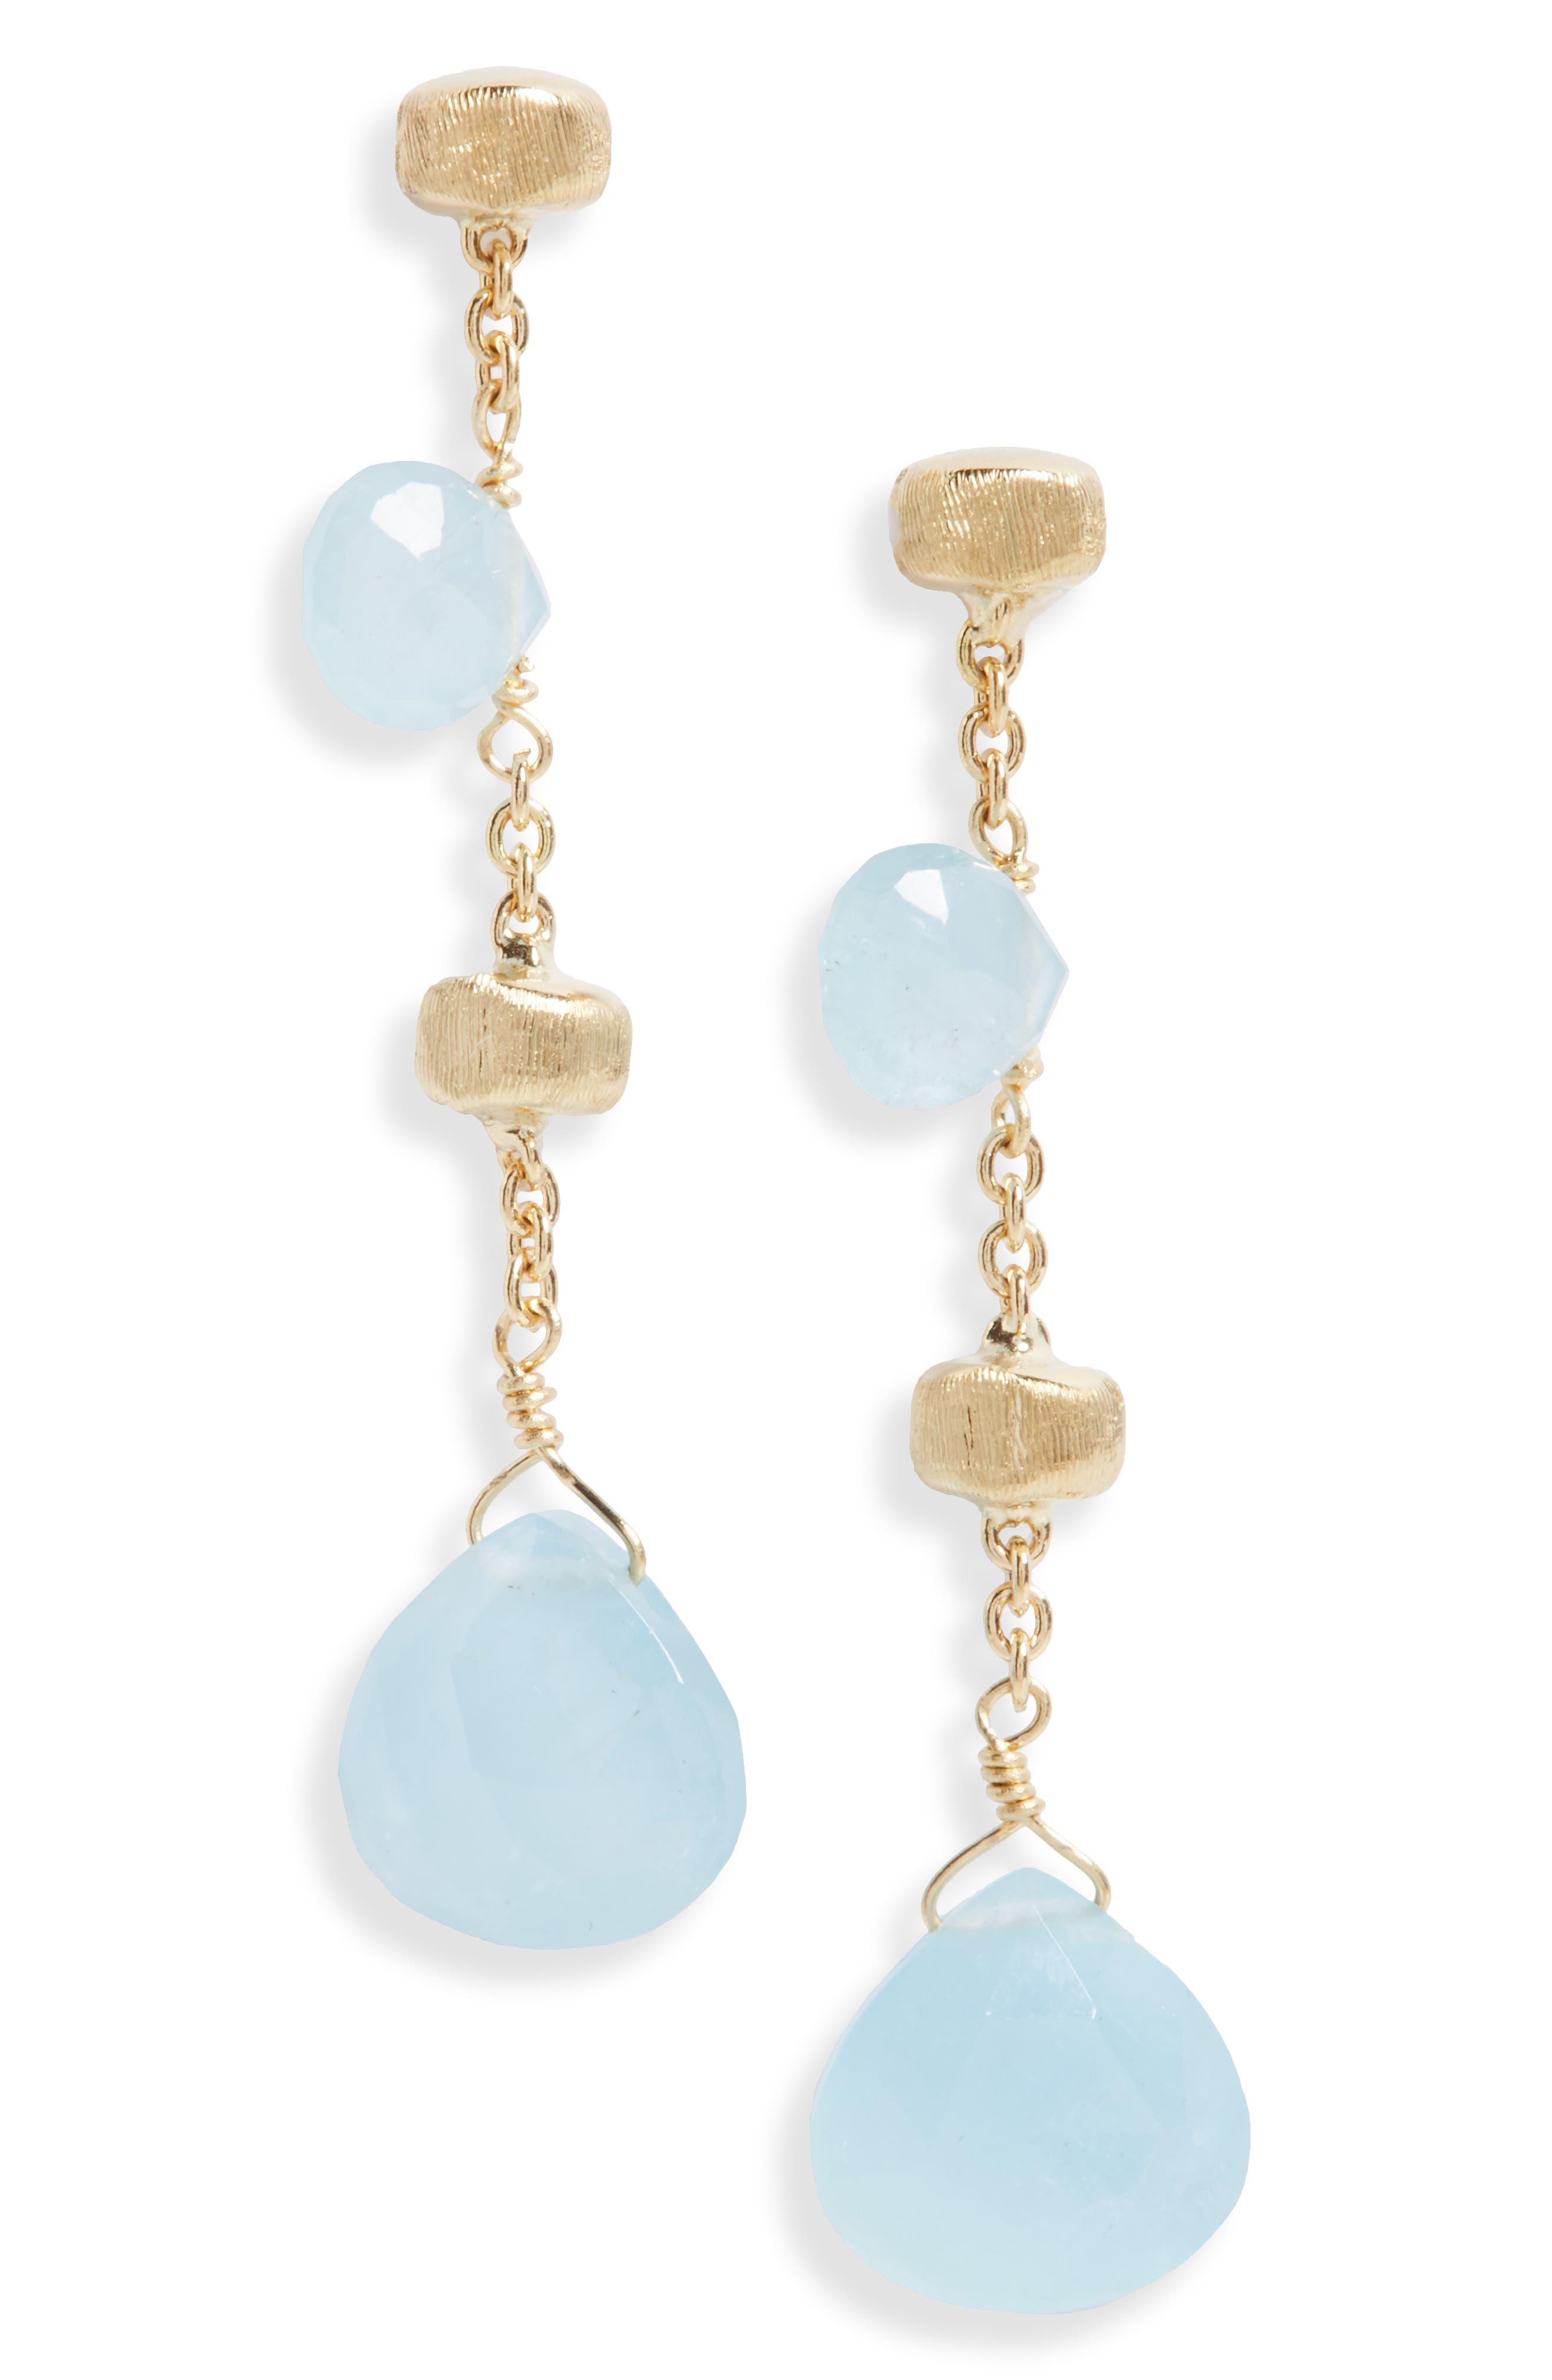 Paradise Semiprecious Stone Linear Drop Earrings,                         Main,                         color, Yellow Gold/ Aquamarine